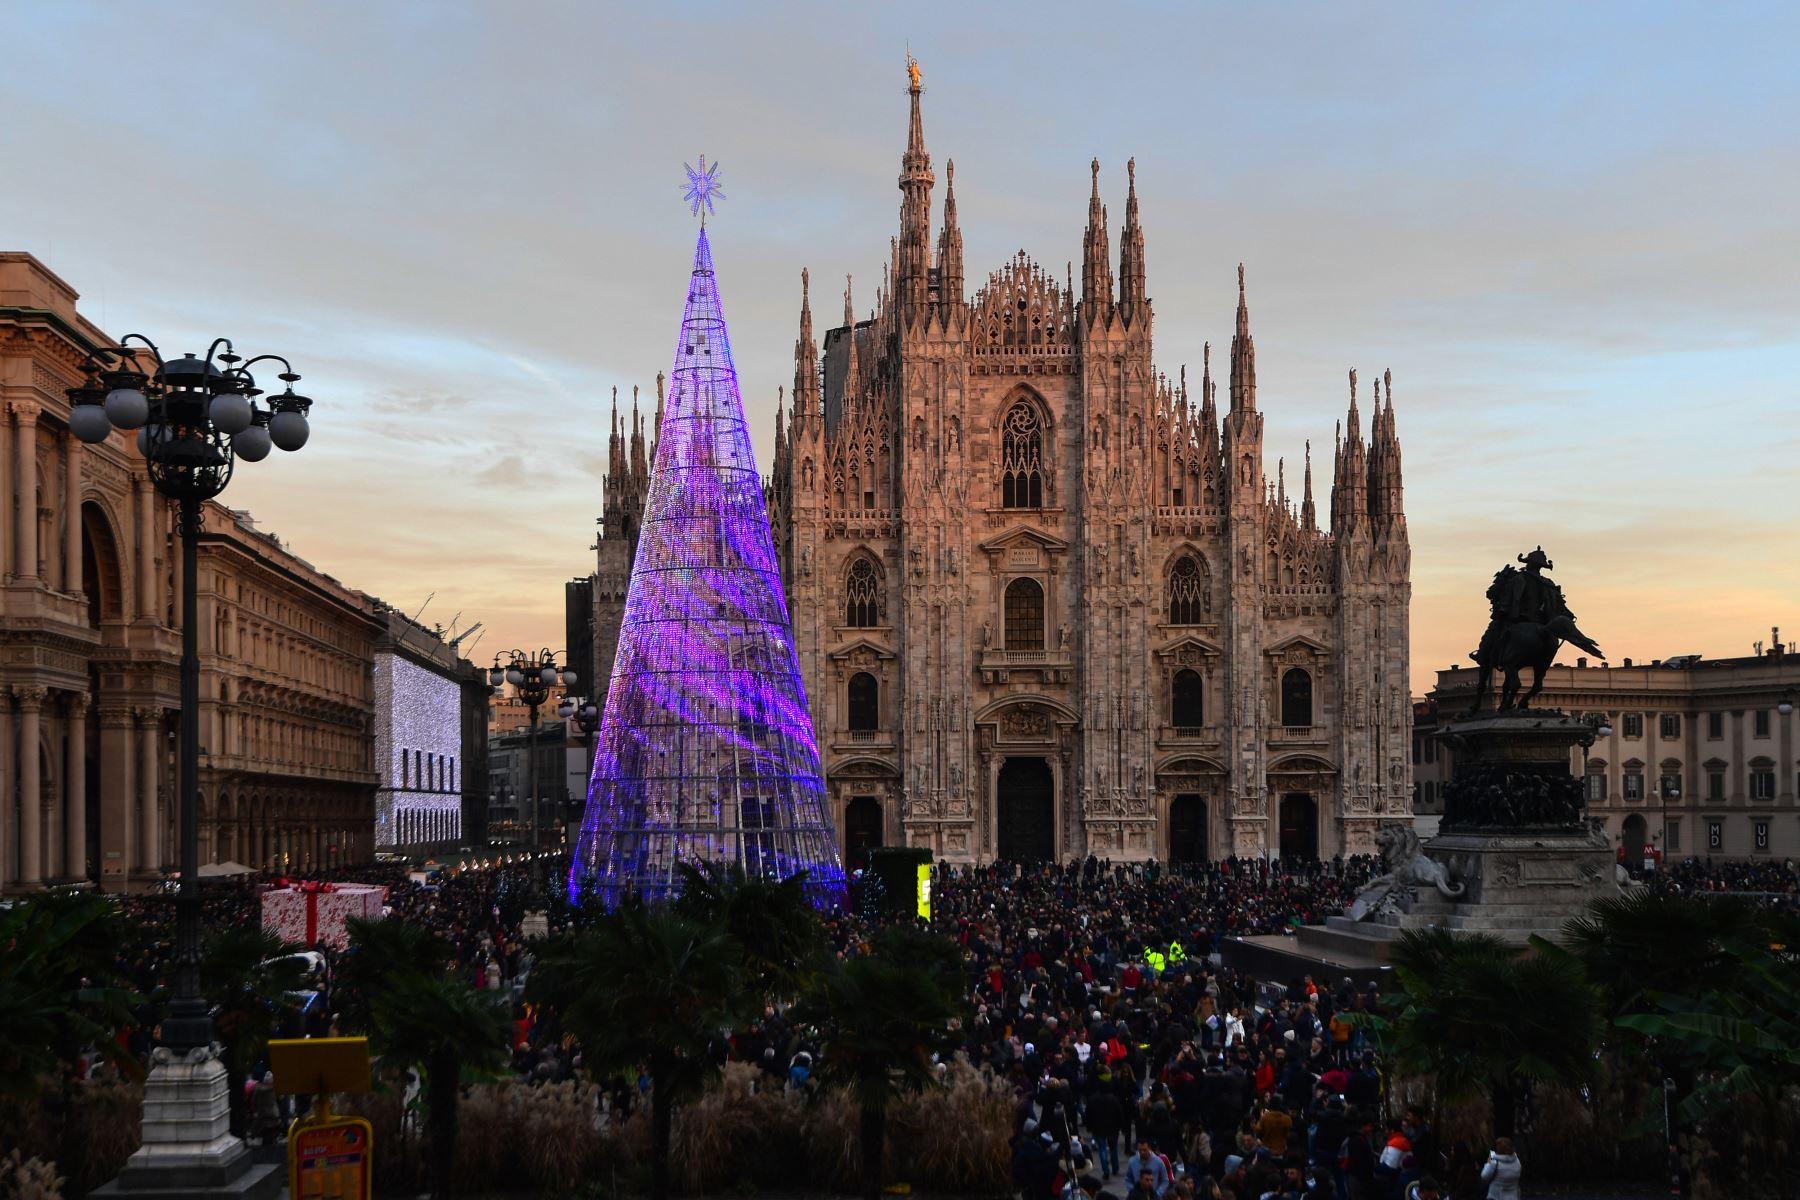 Las personas se reúnen junto a un árbol de Navidad gigante y ligero en la Plazza del Duomo de Milán-Italia. Foto: AFP